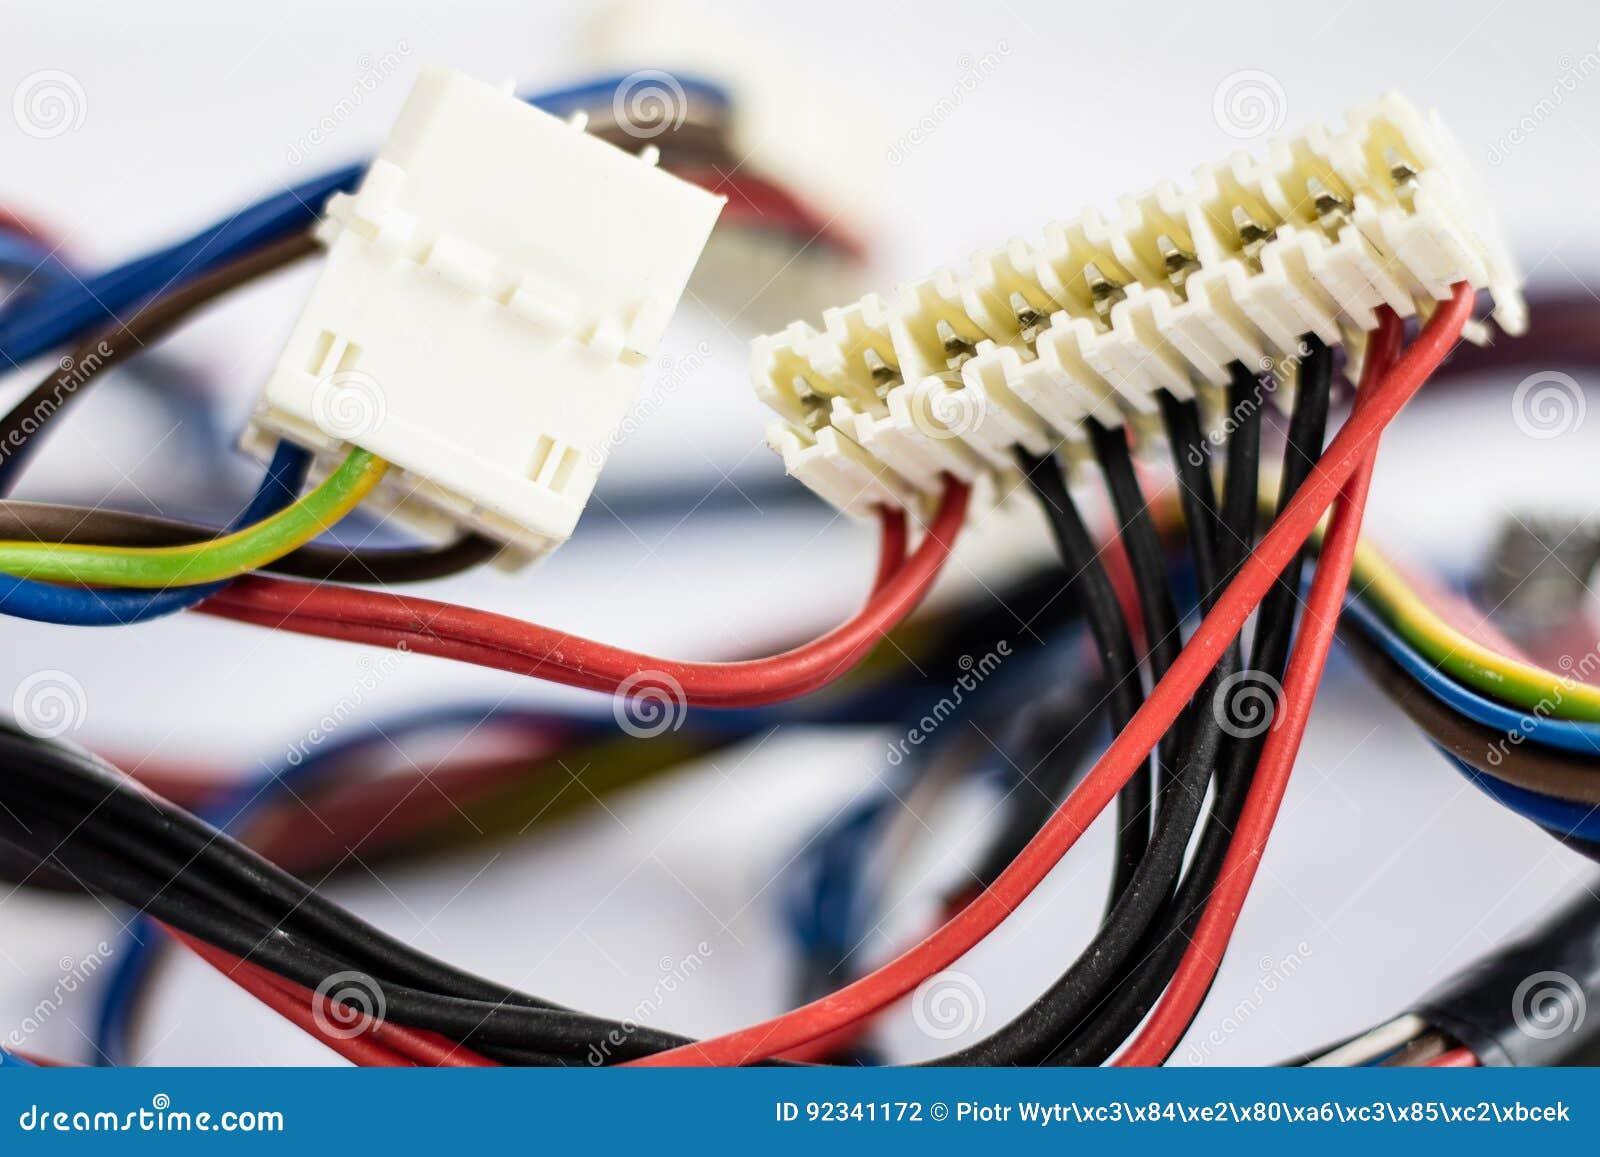 Piezas de los alambres y de los empalmes eléctricos viejas en el fondo blanco